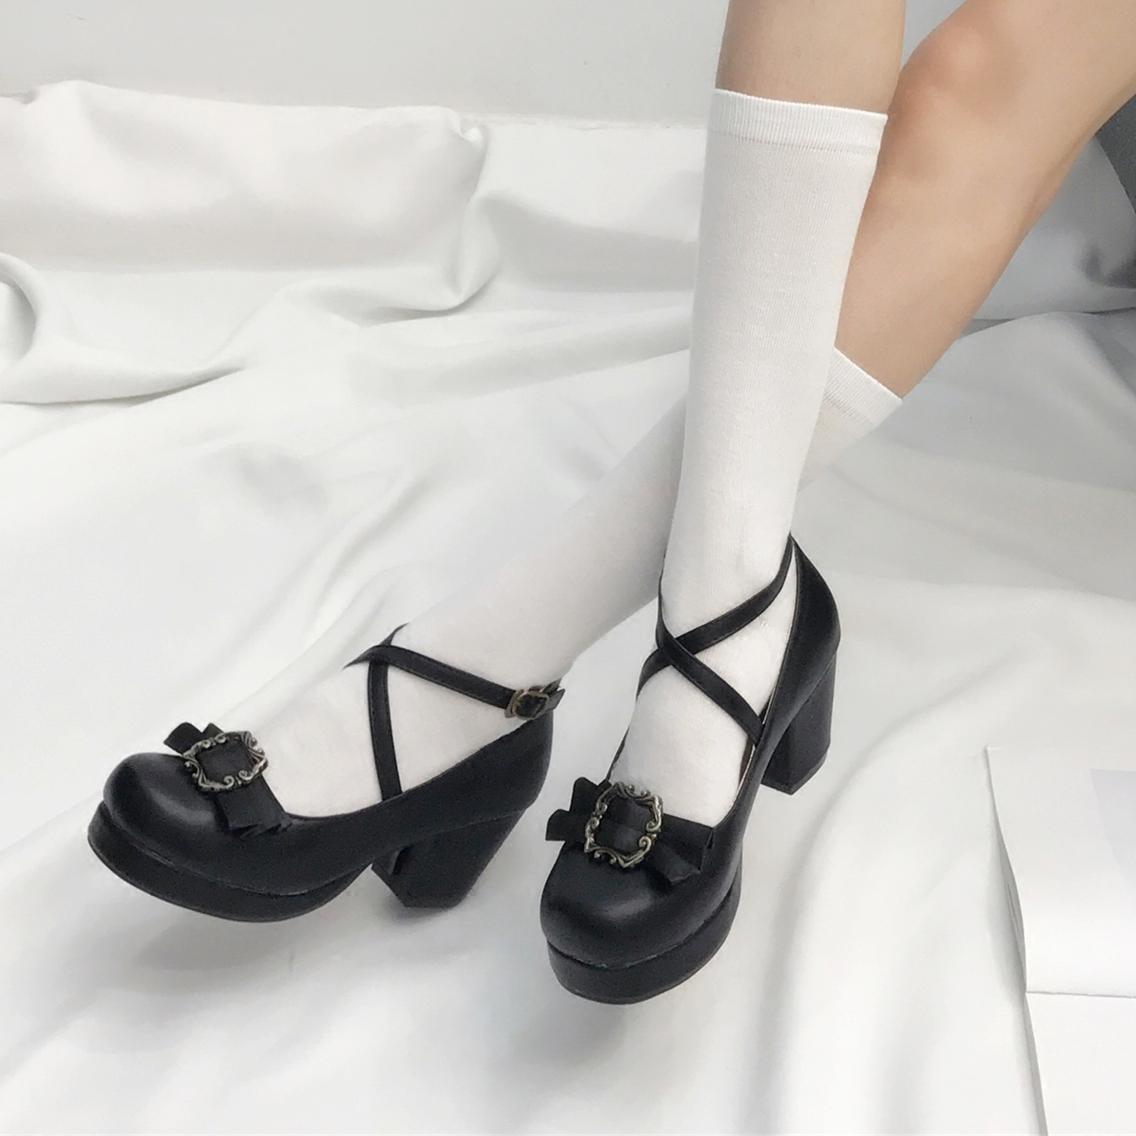 粗跟高跟鞋 QB加软日系森女lolita洛丽塔高跟鞋圆头粗跟可拆蝴蝶结LO女单鞋子_推荐淘宝好看的女粗跟高跟鞋